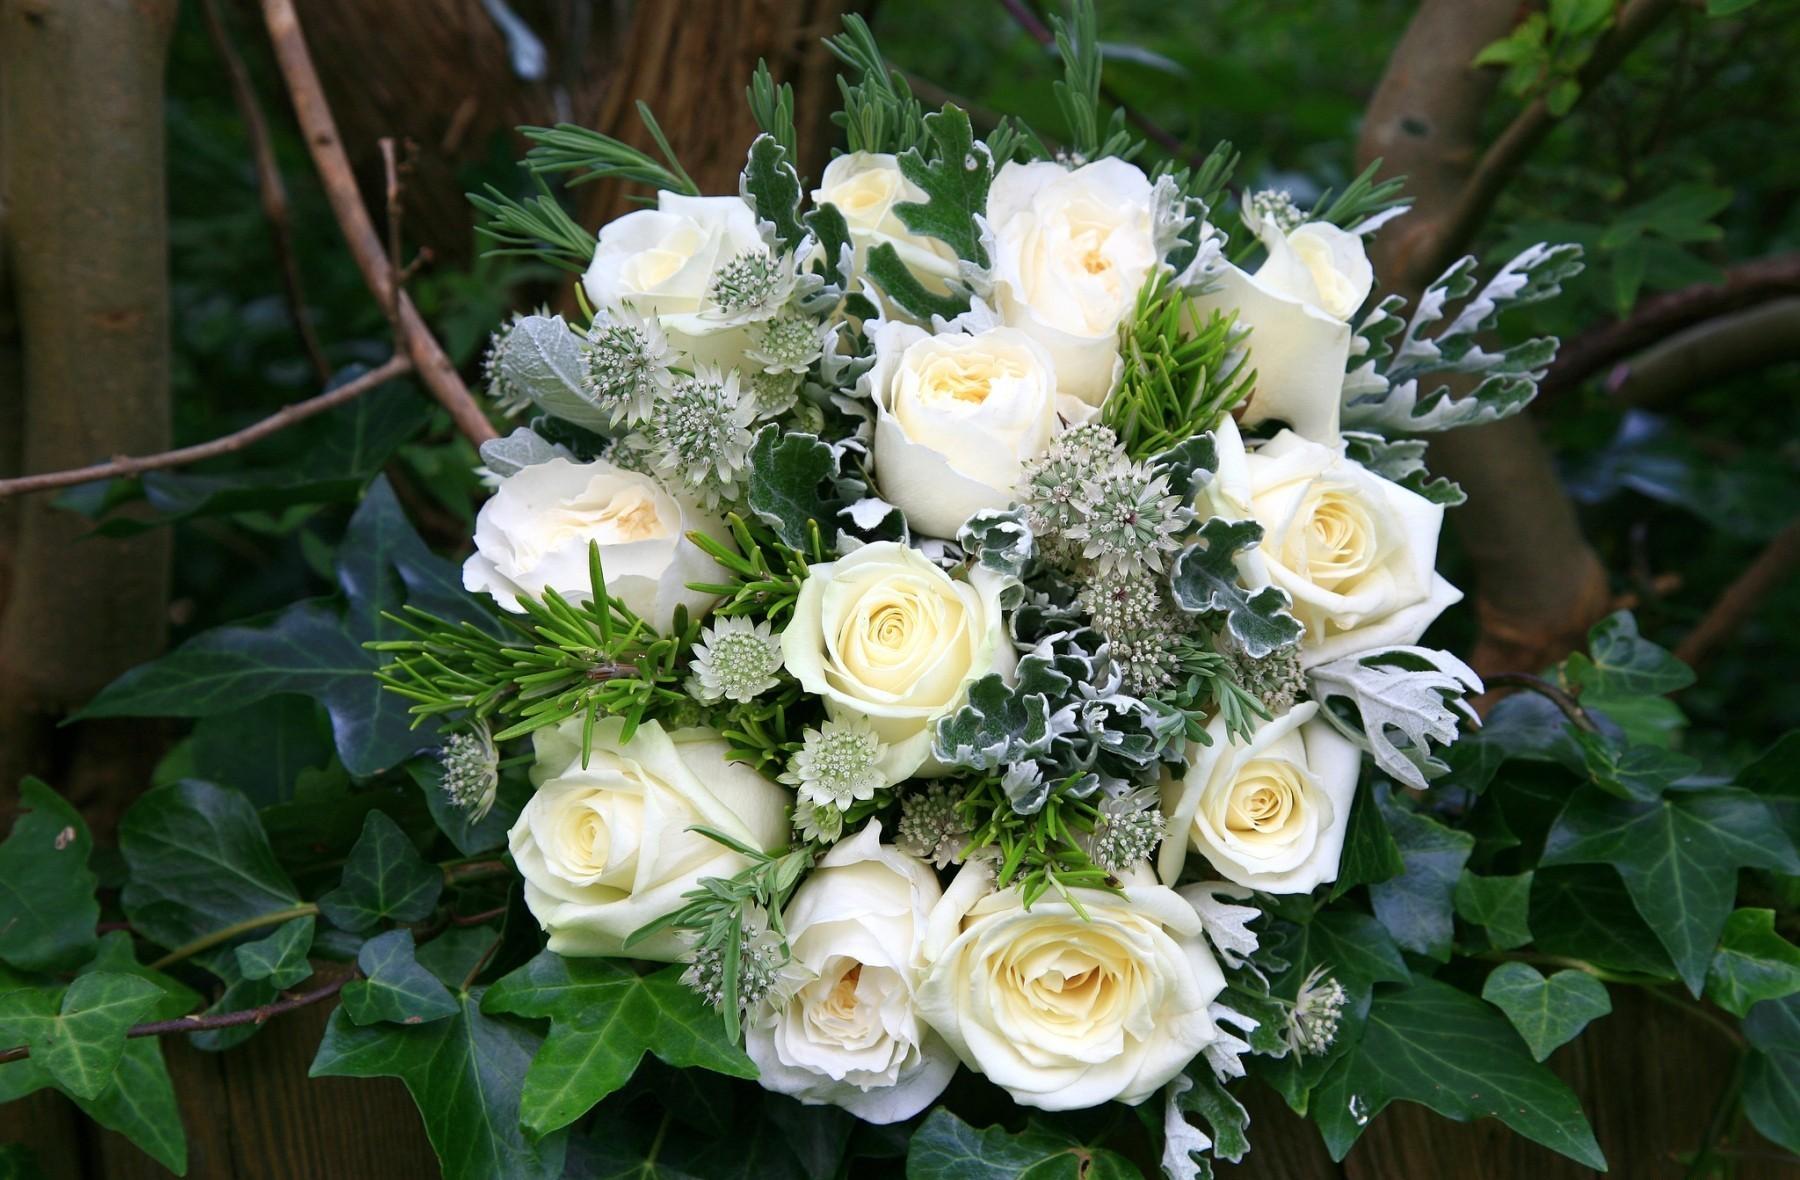 82927 скачать обои Розы, Оформление, Букет, Цветы, Зелень, Белоснежные - заставки и картинки бесплатно